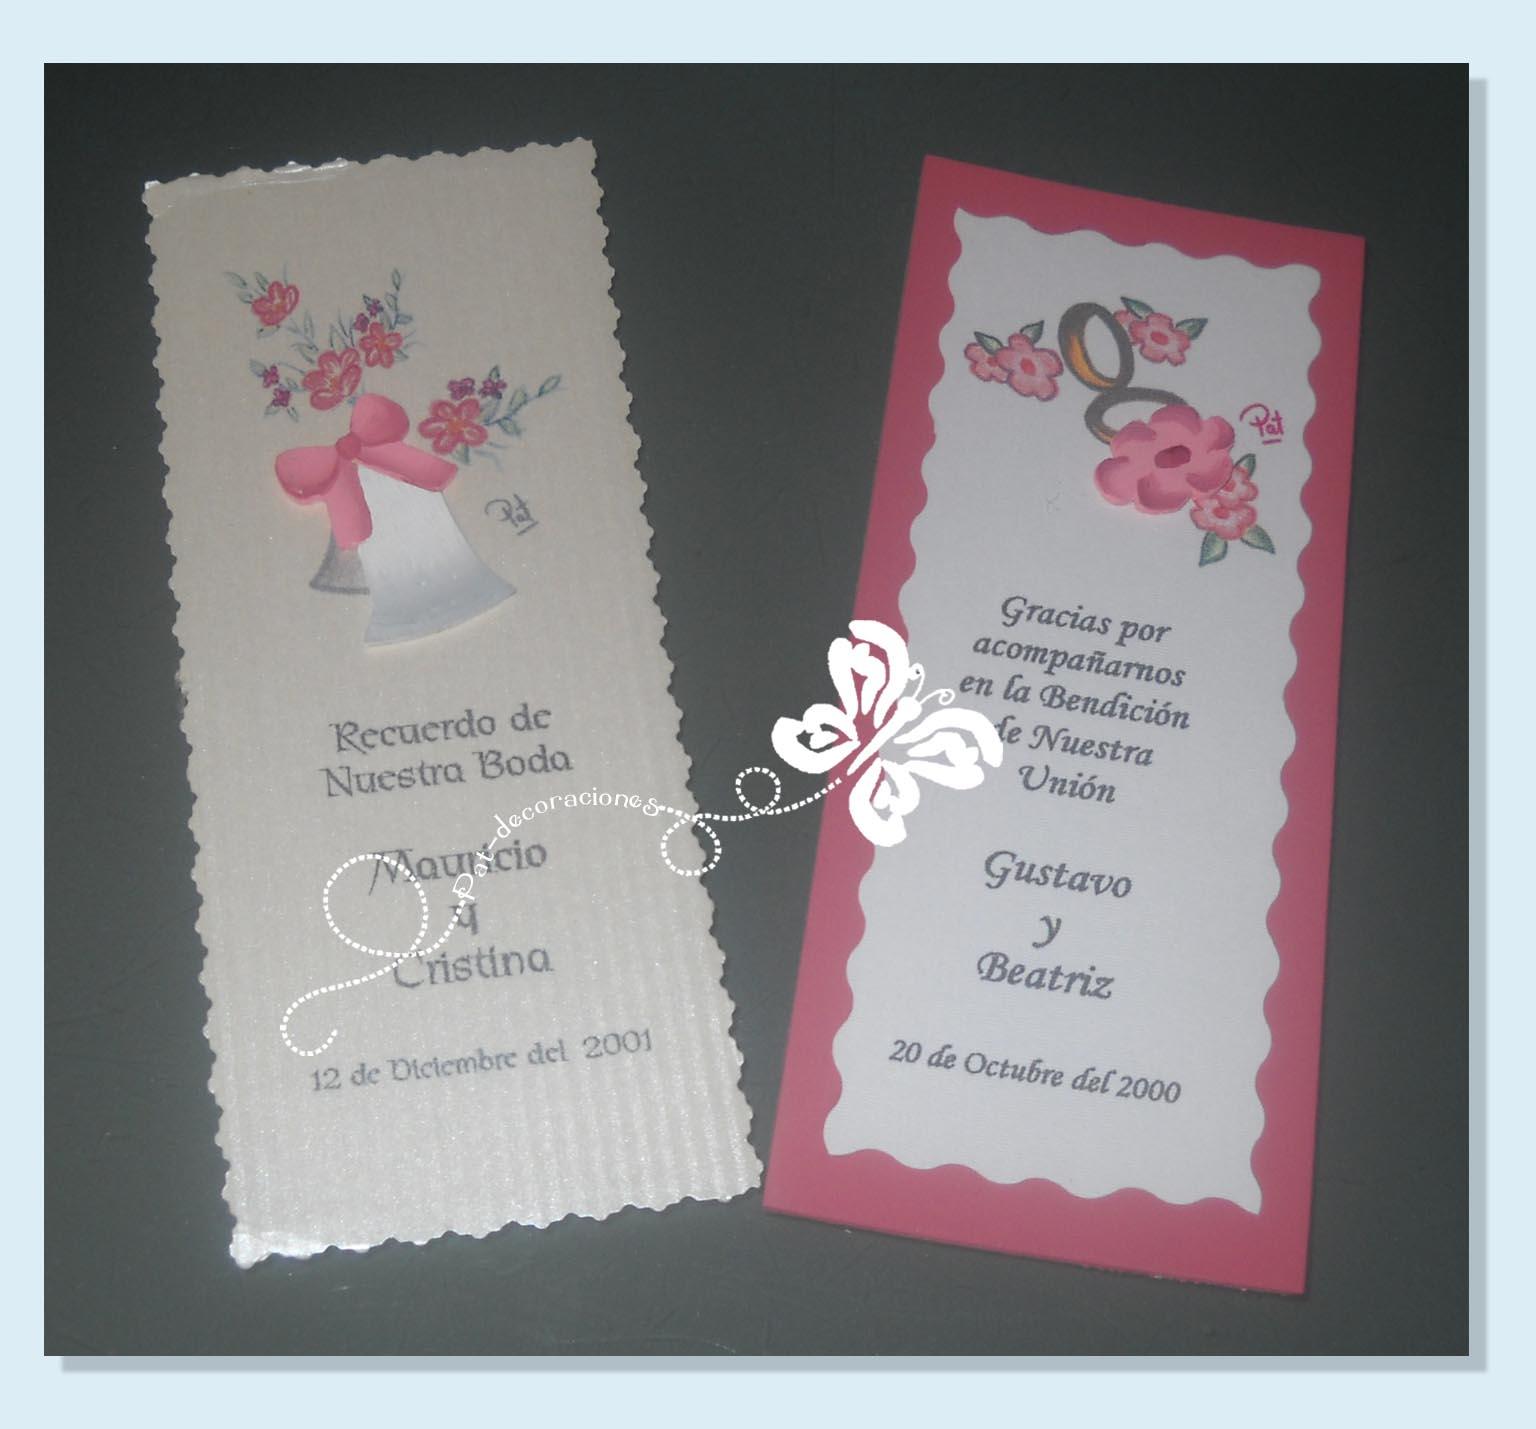 Tarjetas para recuerdos de bodas auto design tech - Tarjeta de boda ...